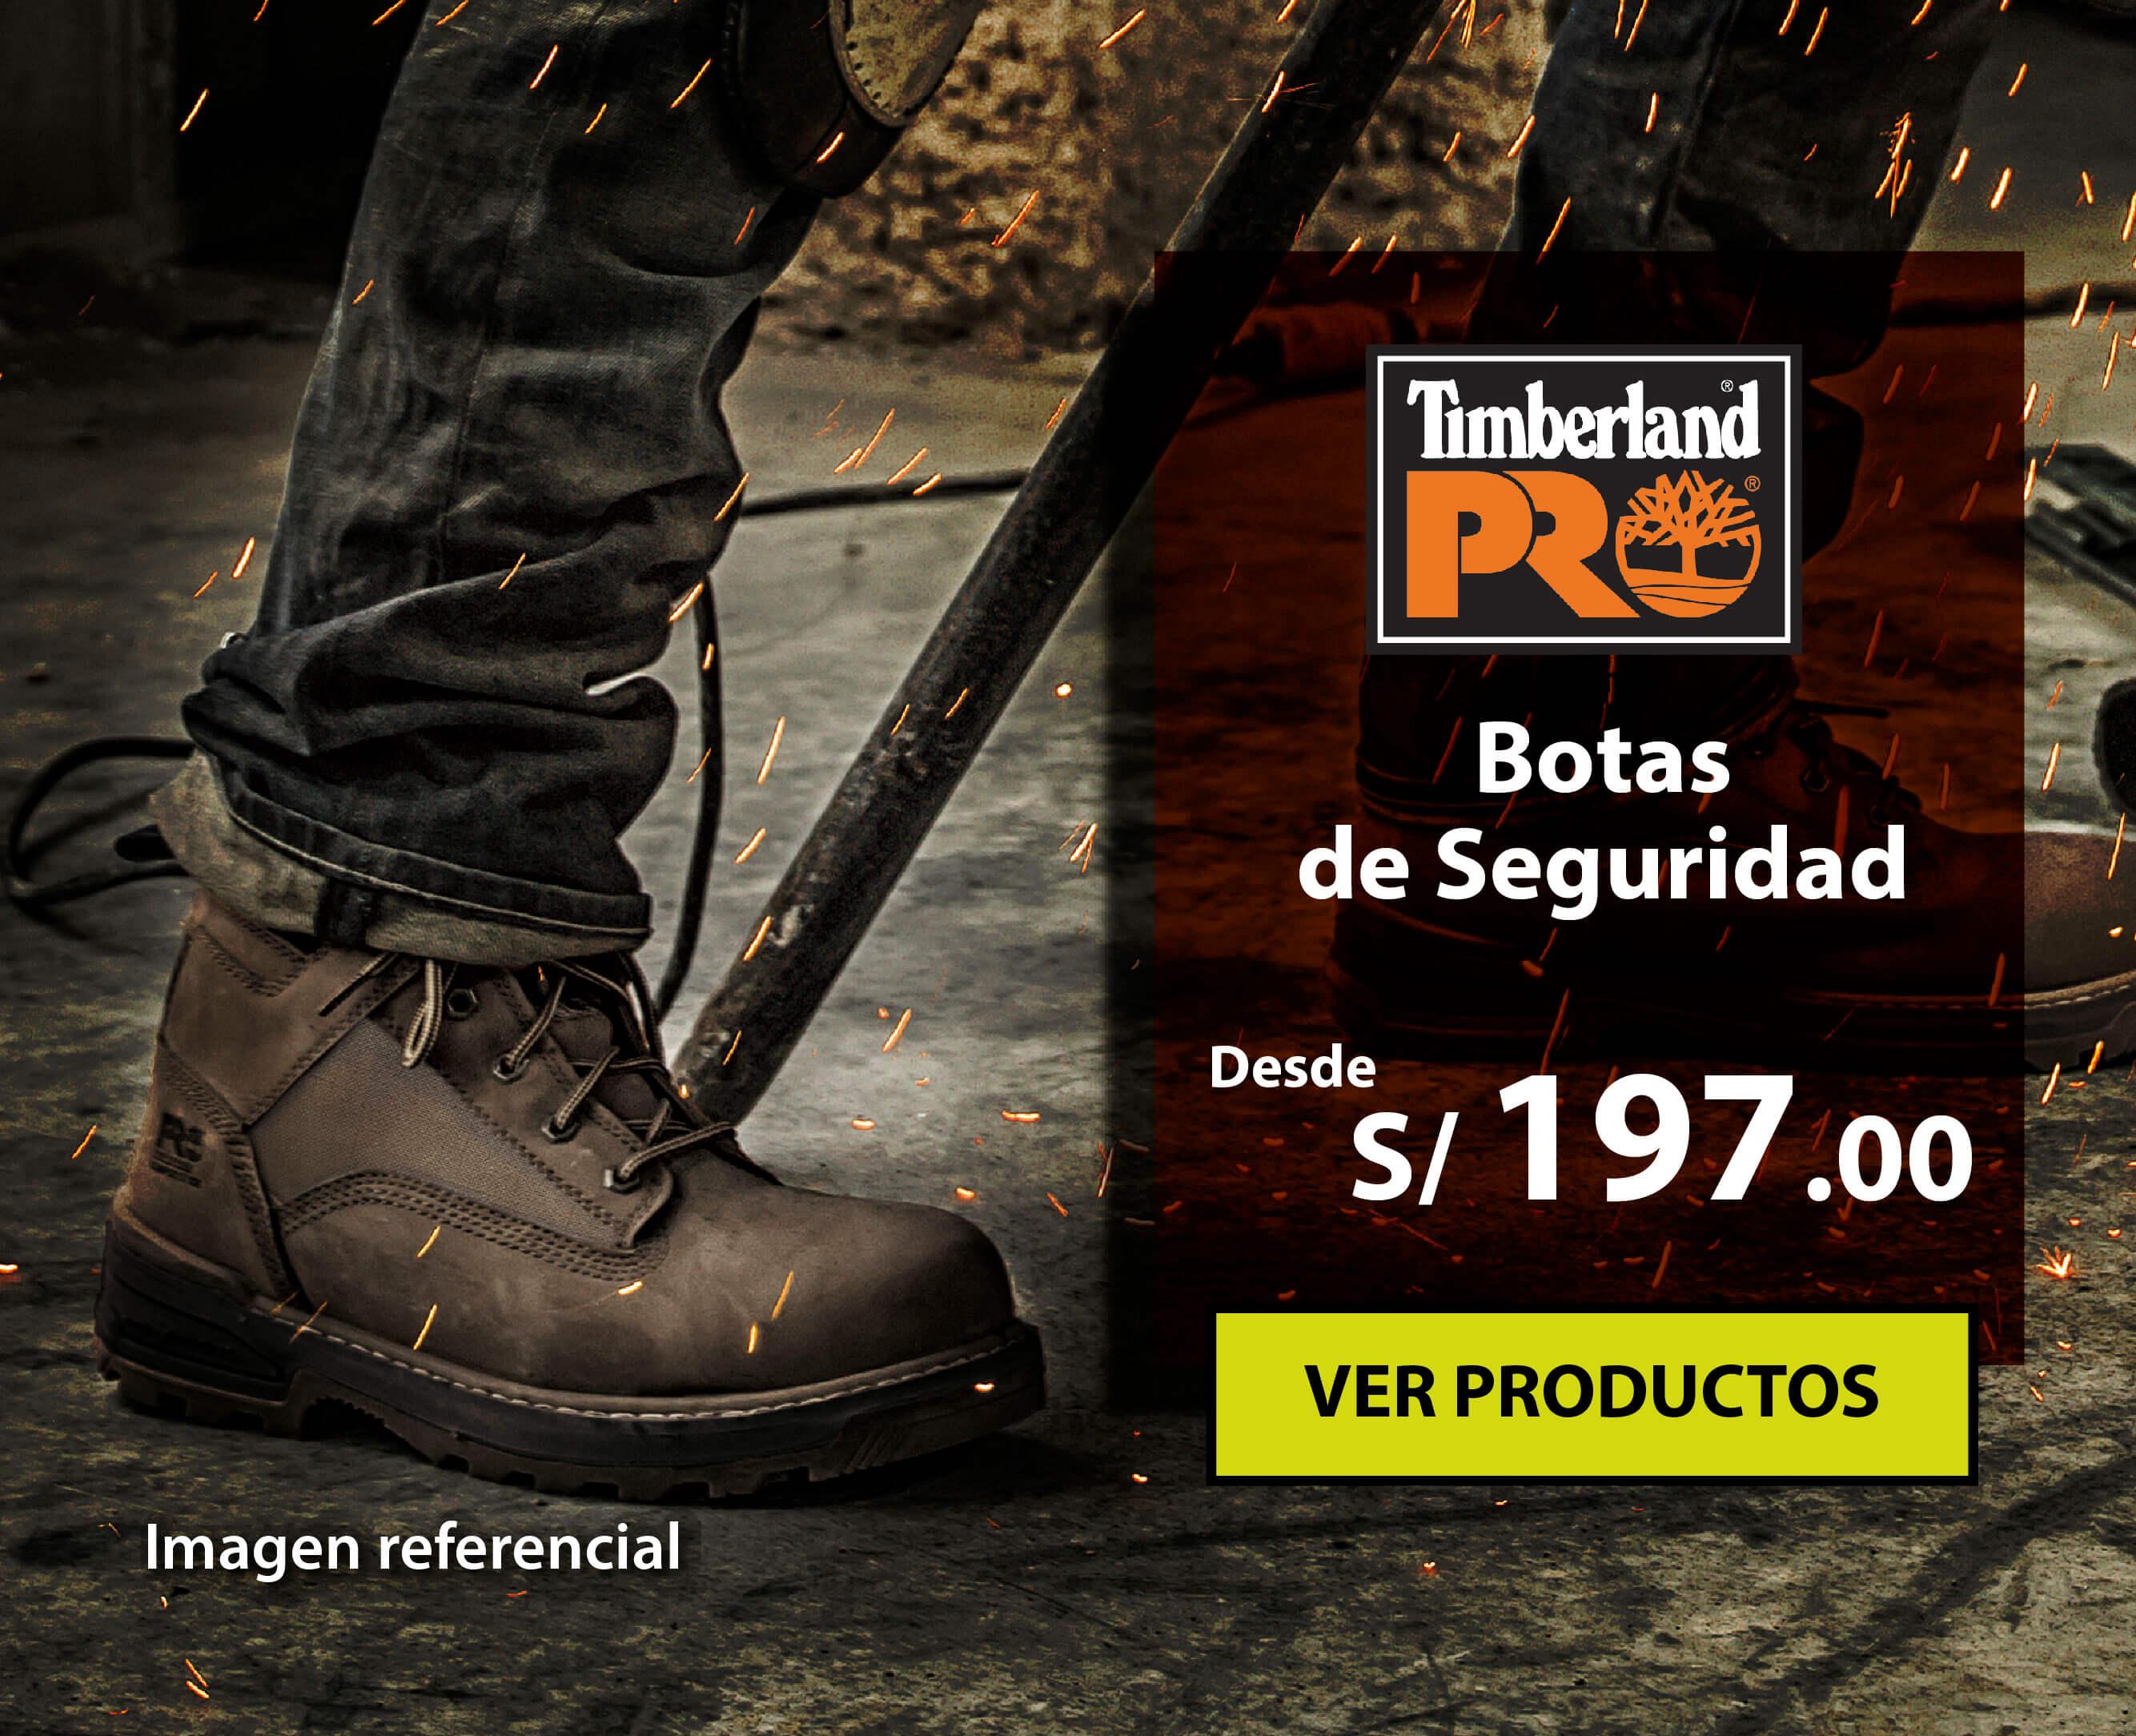 Timberland 17.07 mobile